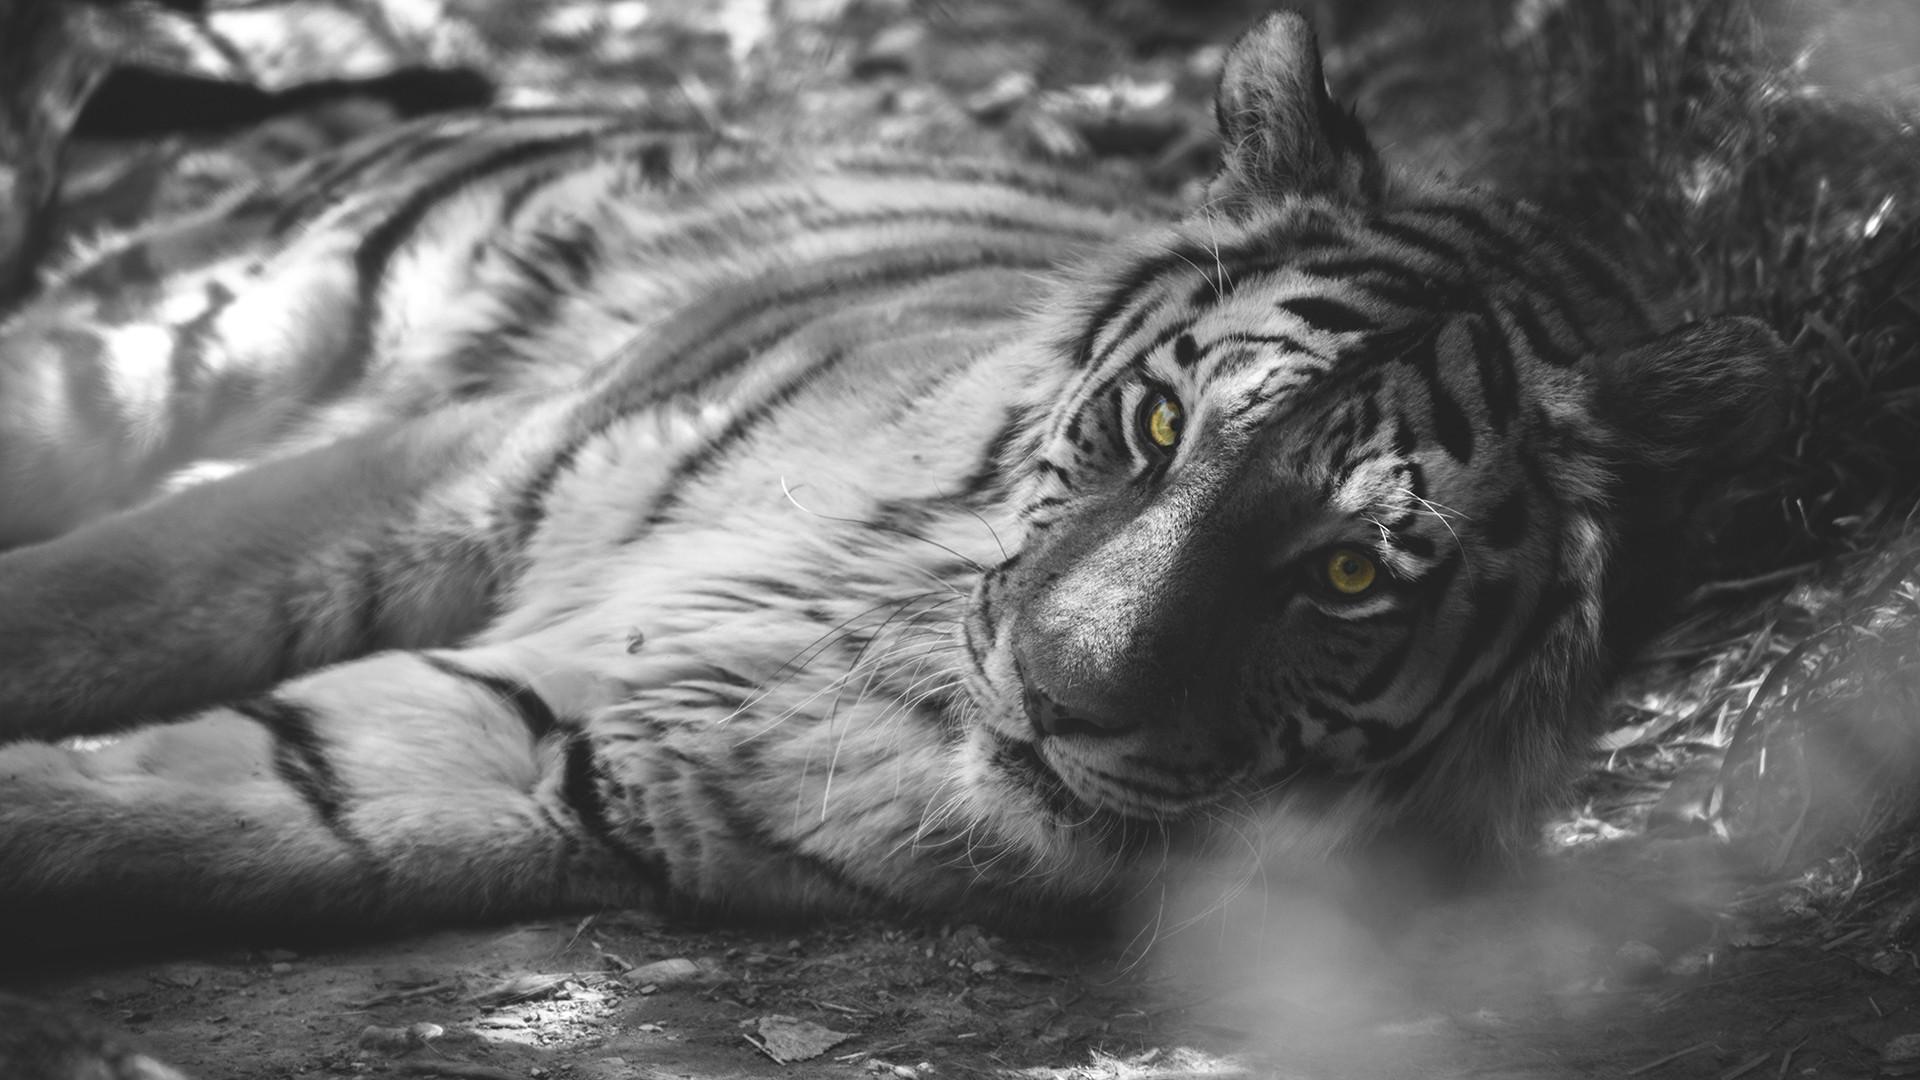 Wallpaper Hewan Satu Warna Harimau Mewarnai Selektif